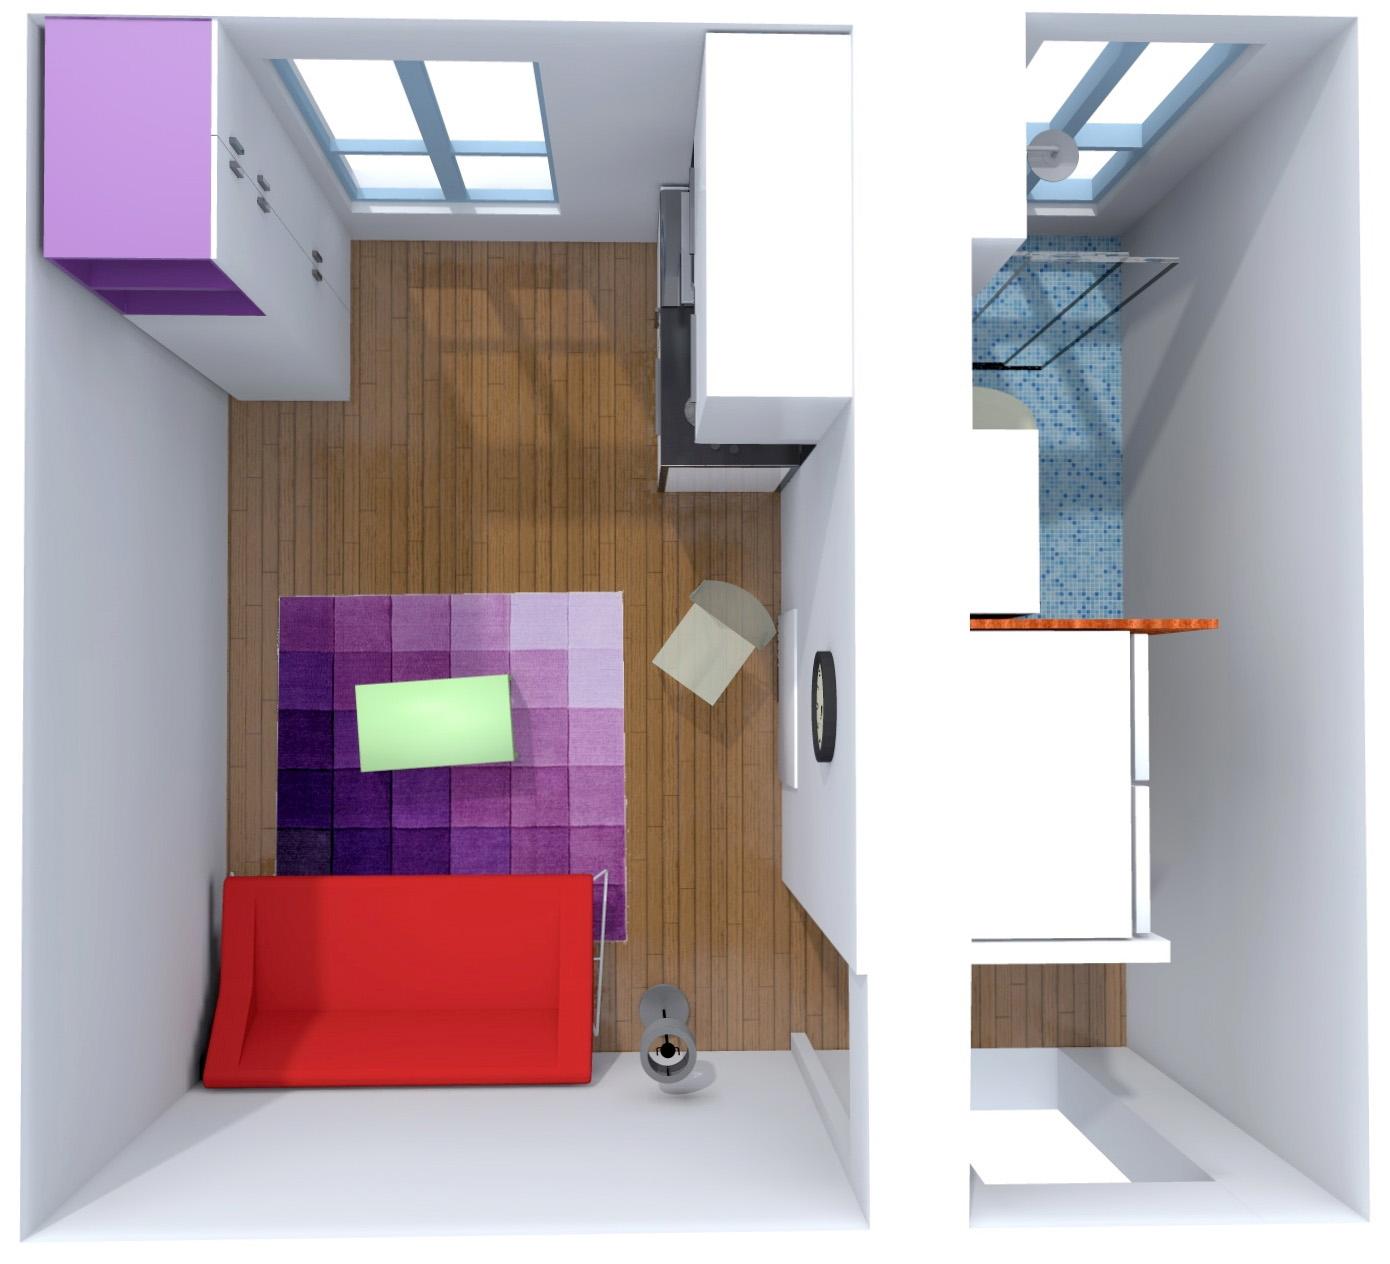 Studio fonctionnel 17 m2 rénové et réorganisé agence Avous paris